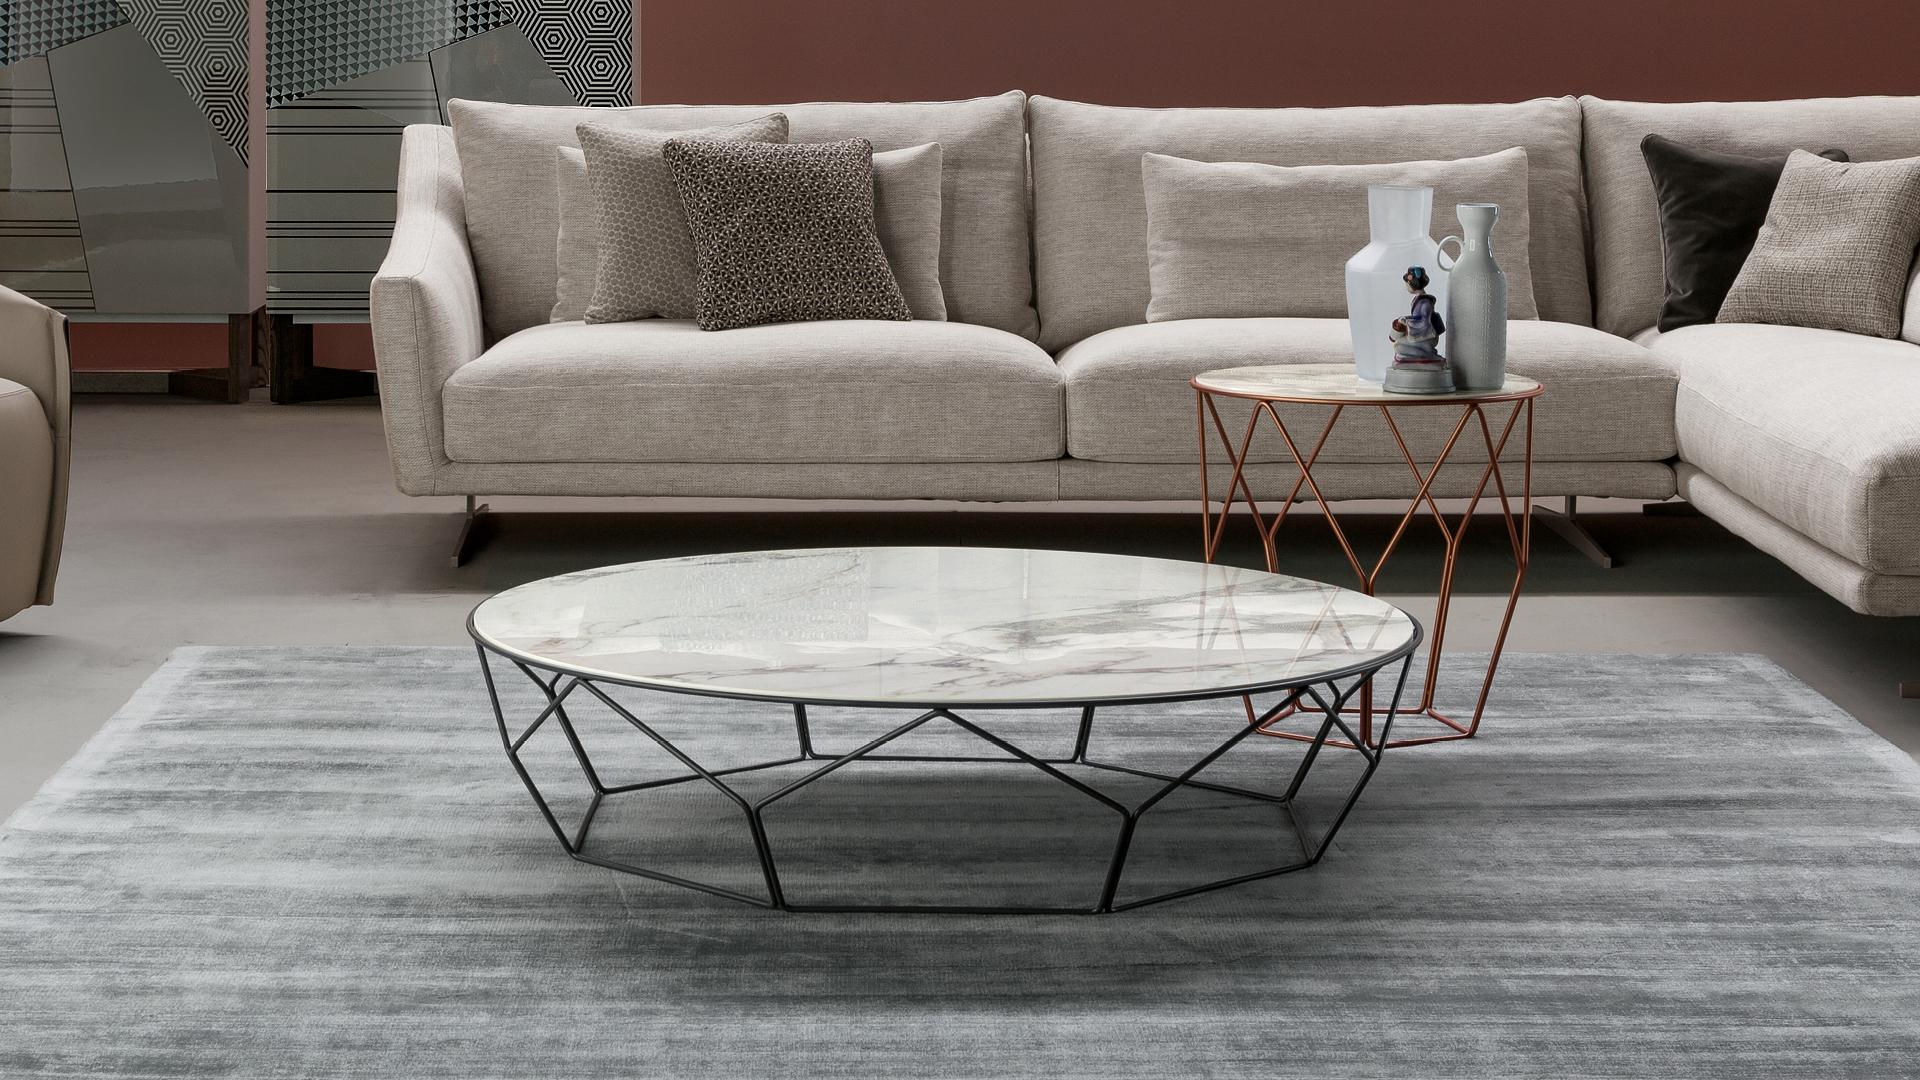 Bonaldo Кавовий стіл Arbor від італійського бренду Bonaldo